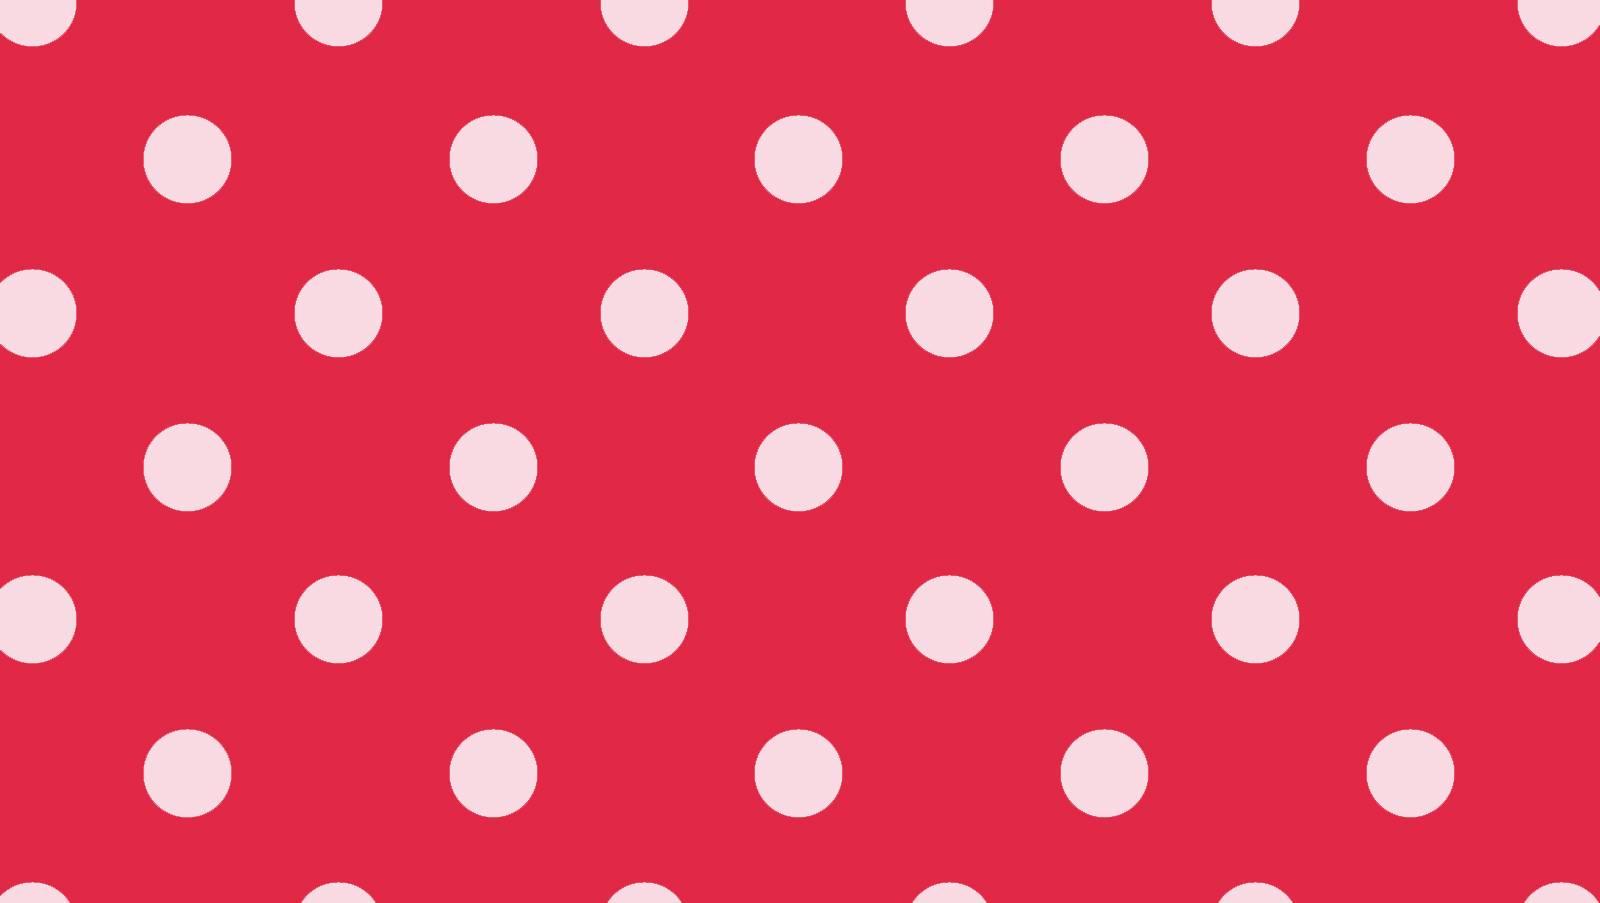 Pics photos pink polka dot s wallpaper - Pink Polka Dots K On Wallpaper